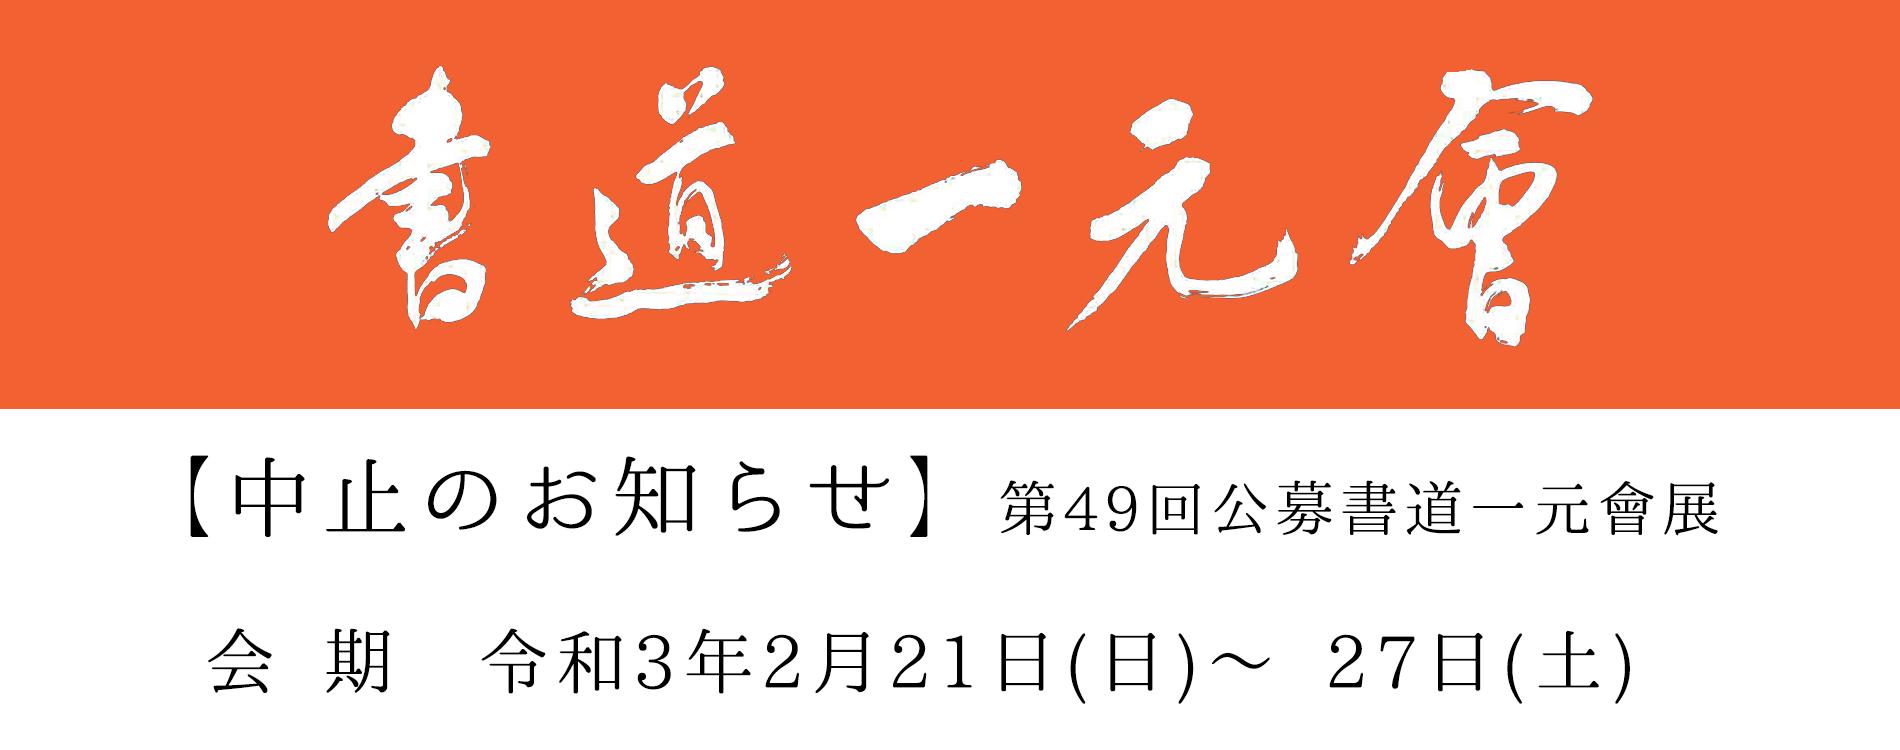 中止のお知らせ_第49回書道一元會展